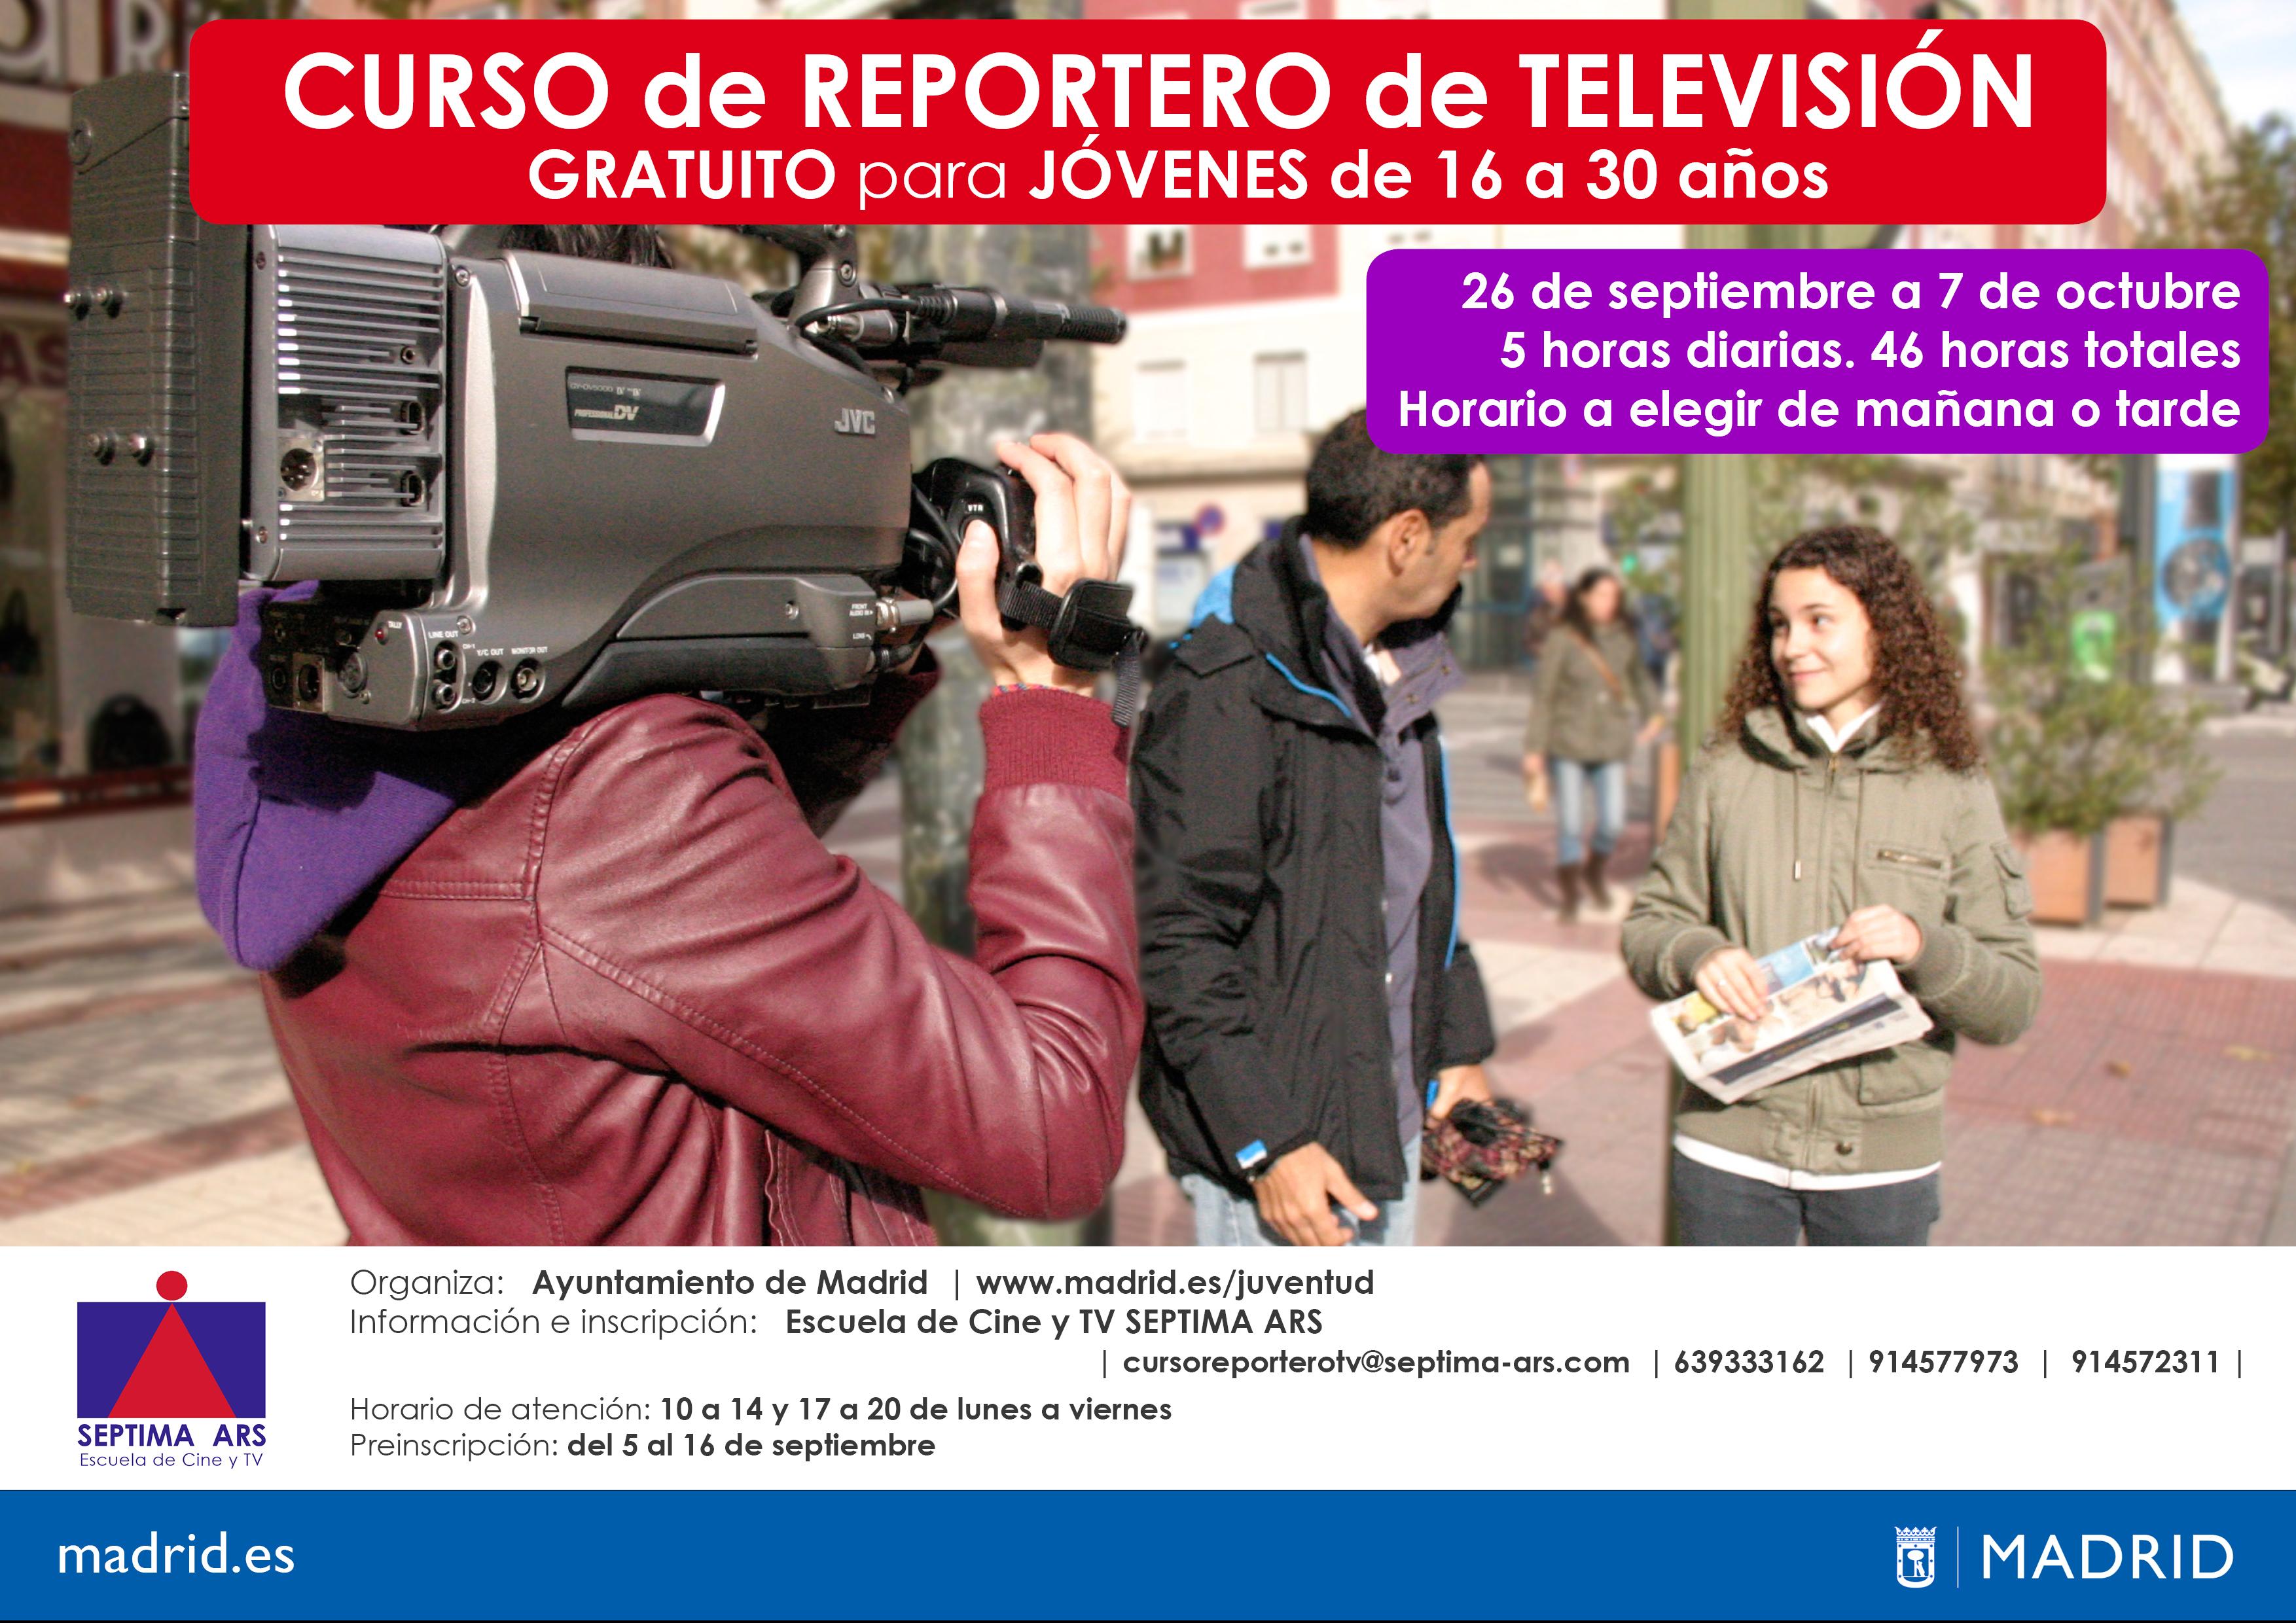 Curso Gratuito de Reportero de Televisión del Ayuntamiento de Madrid realizado por la Escuela de Cine y Televisión Septima Ars